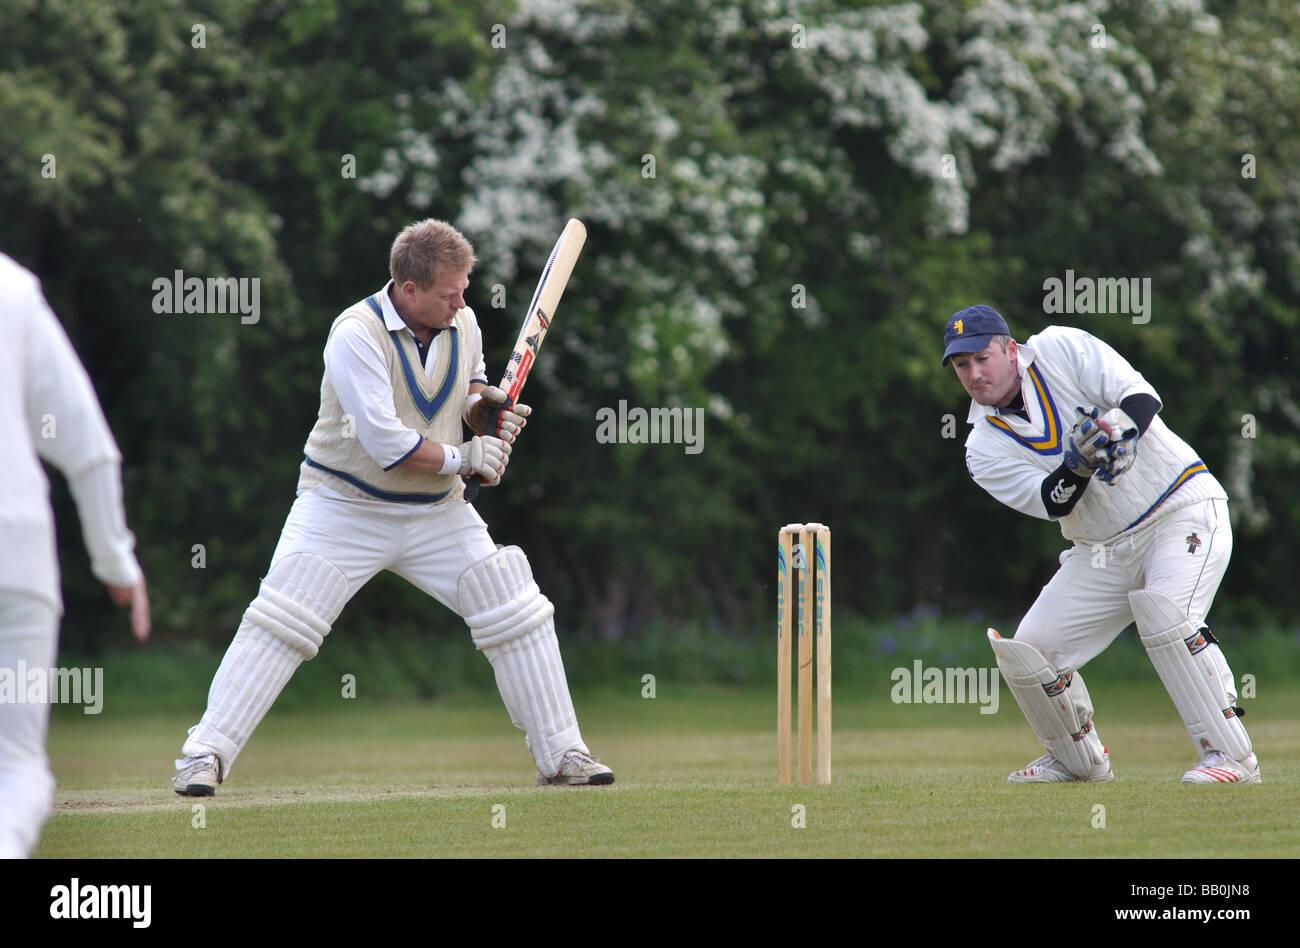 Village cricket in Lapworth, Warwickshire, Inghilterra, Regno Unito Immagini Stock